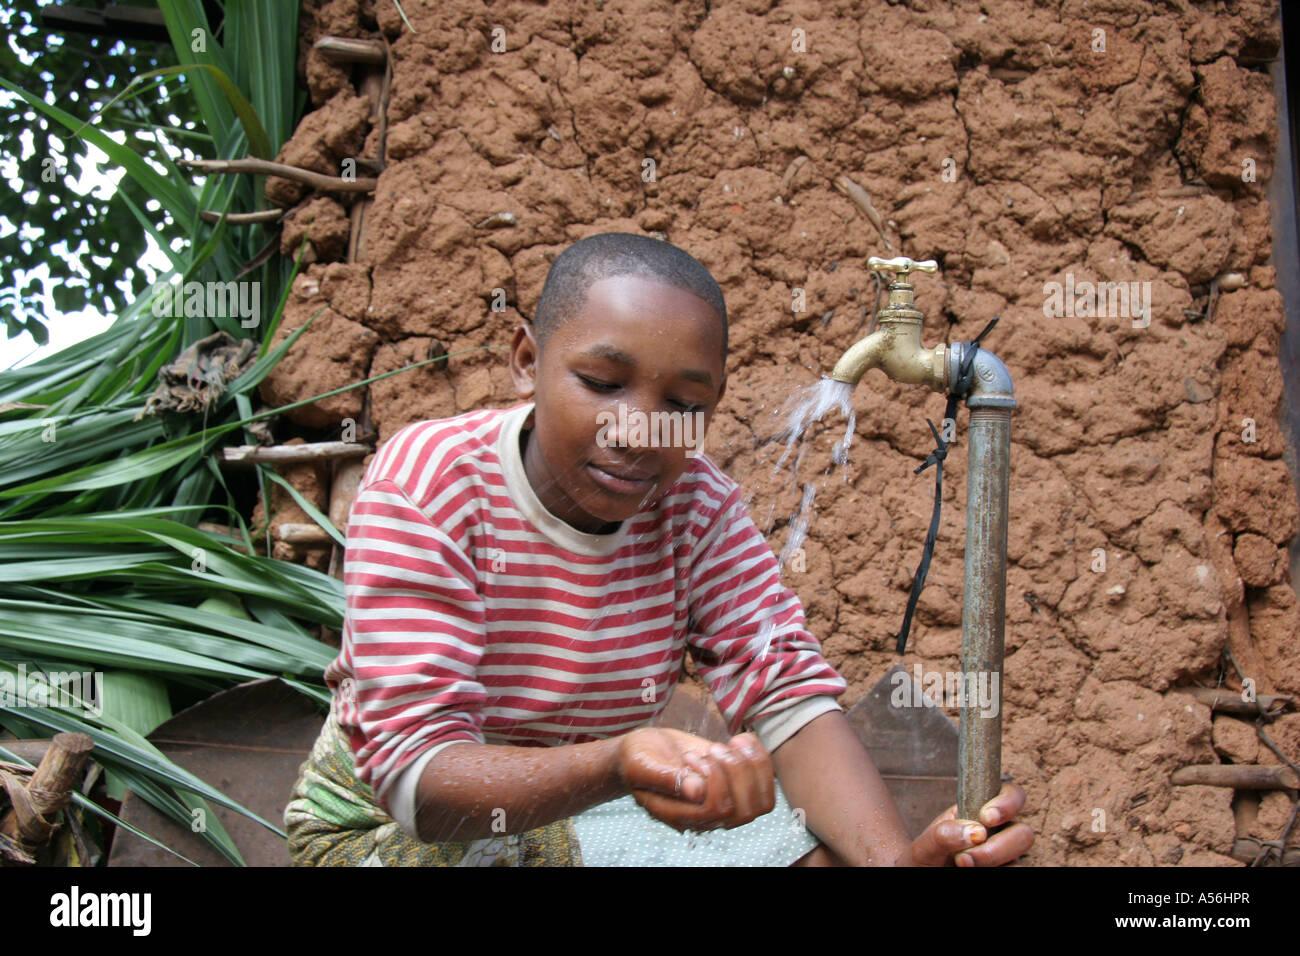 Painet Iy8600 Tanzania Girl Kid Niño Lavándose La Cara Manos Toca El